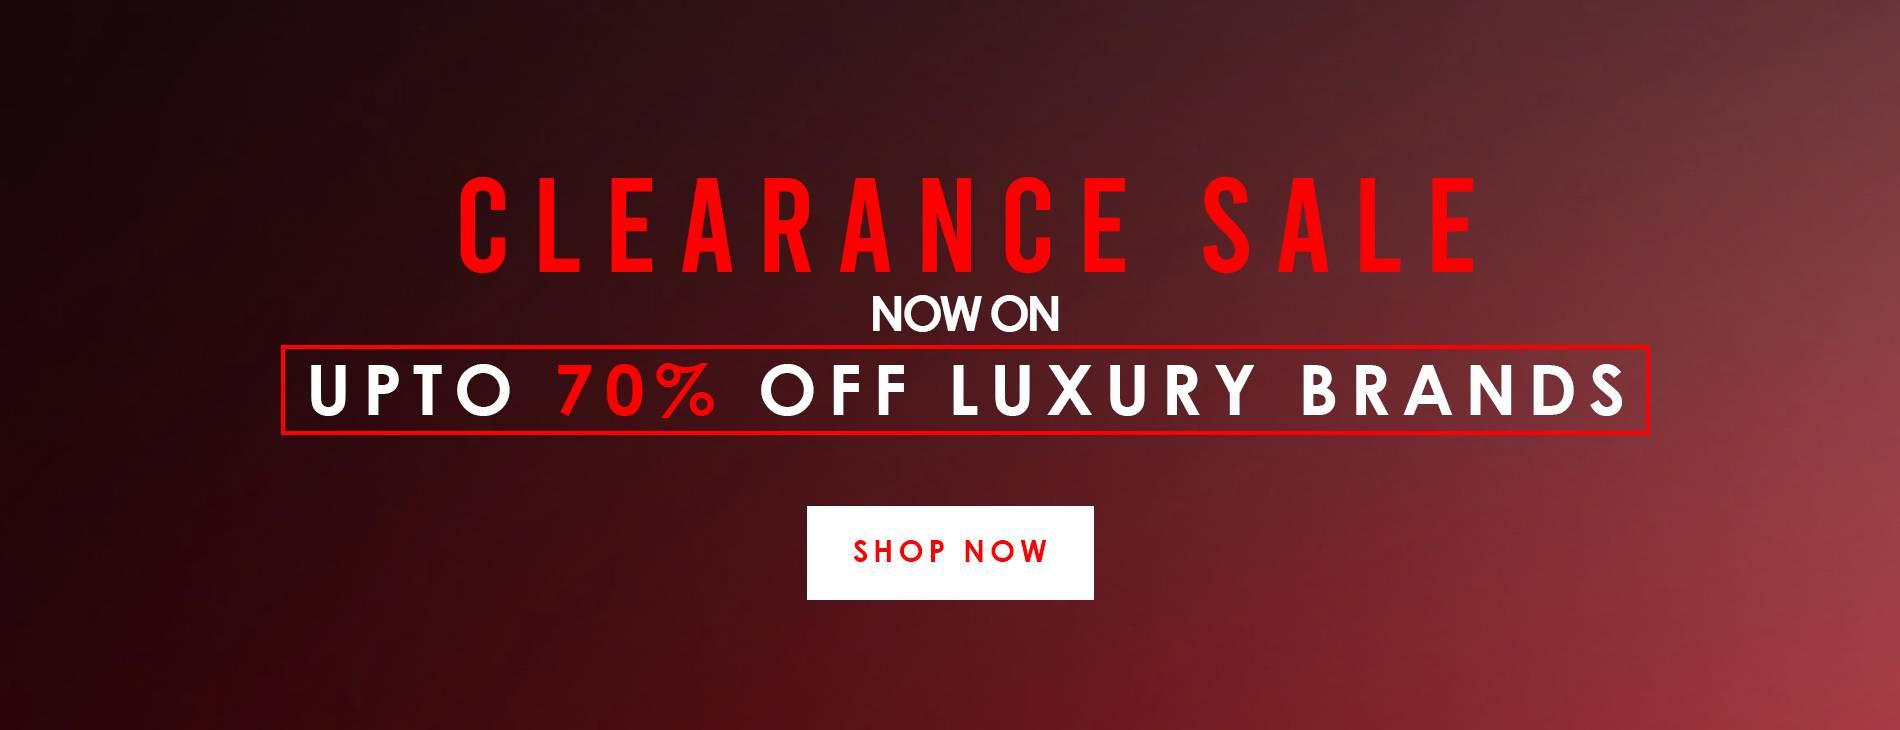 https://www.iconic-menswear.co.uk/clearance-sale.html